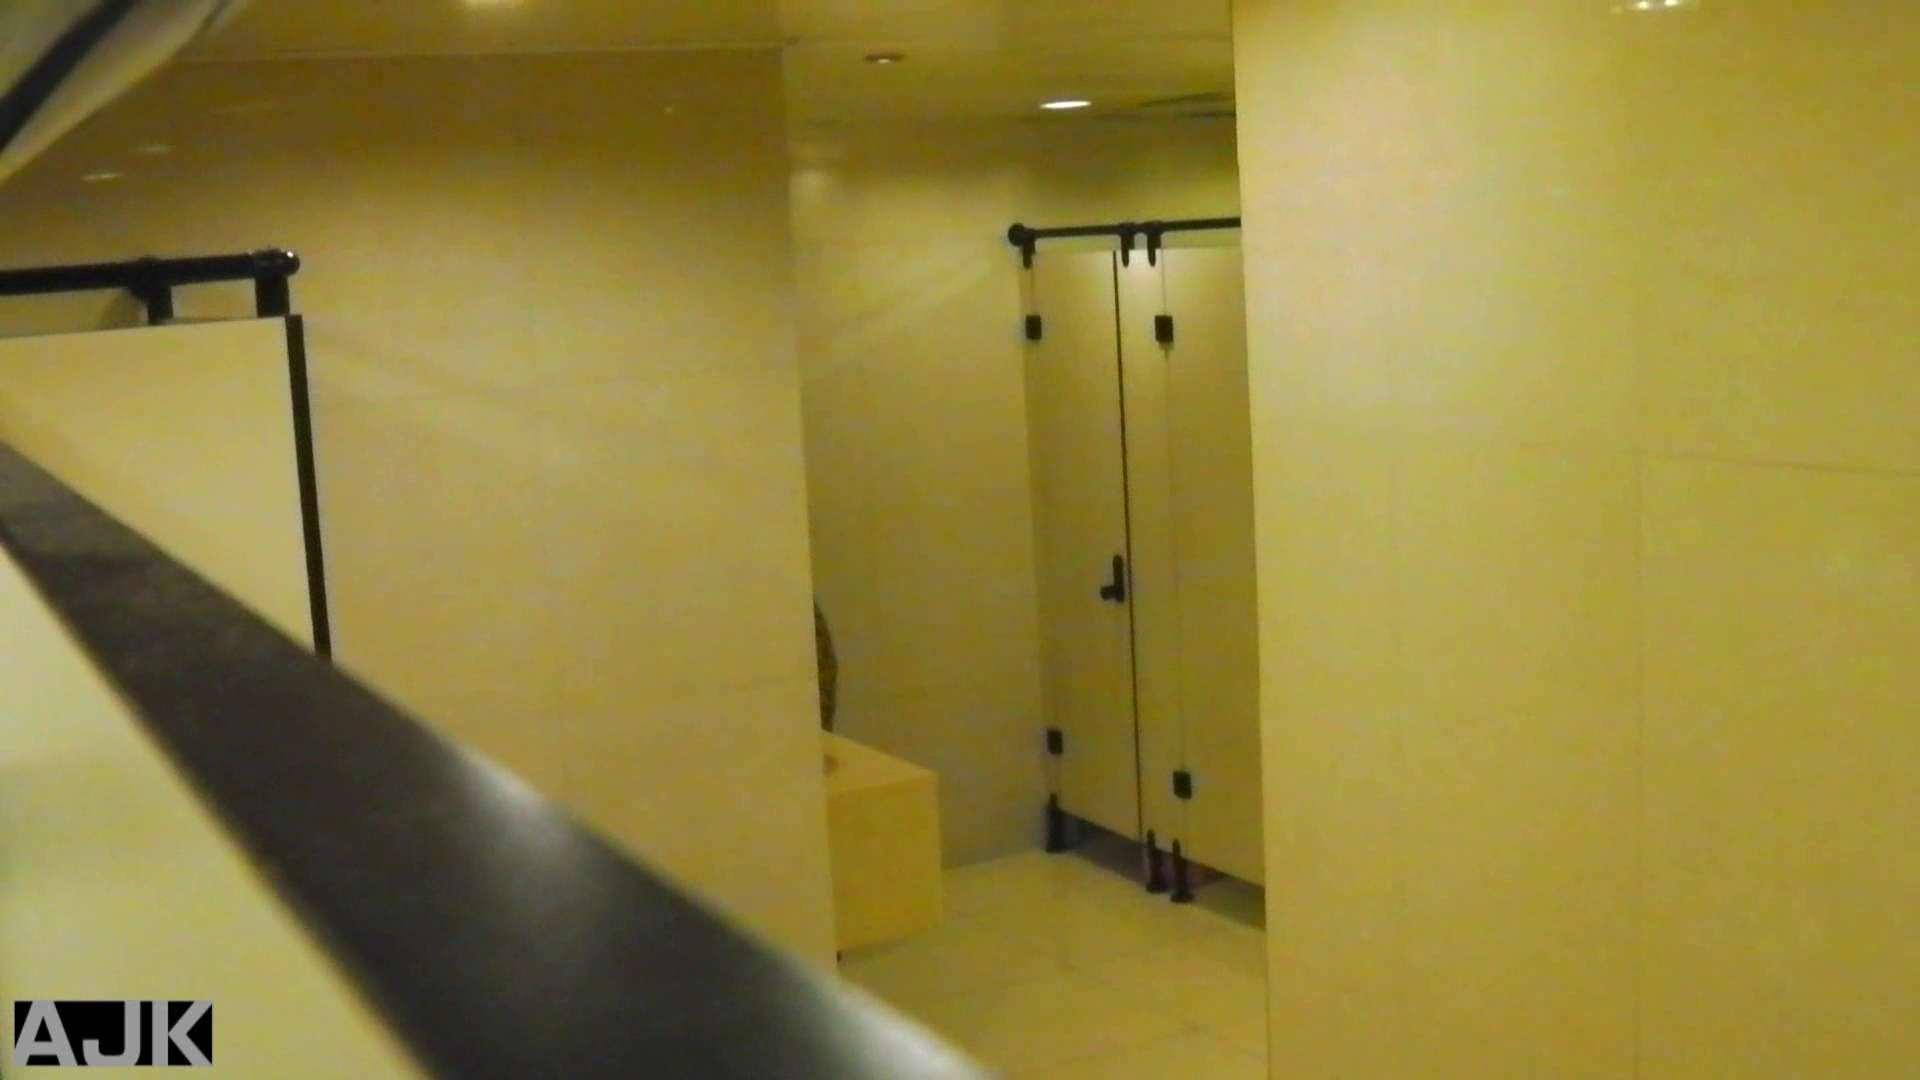 隣国上階級エリアの令嬢たちが集うデパートお手洗い Vol.01 OLの実態 | 丸見え  42pic 10